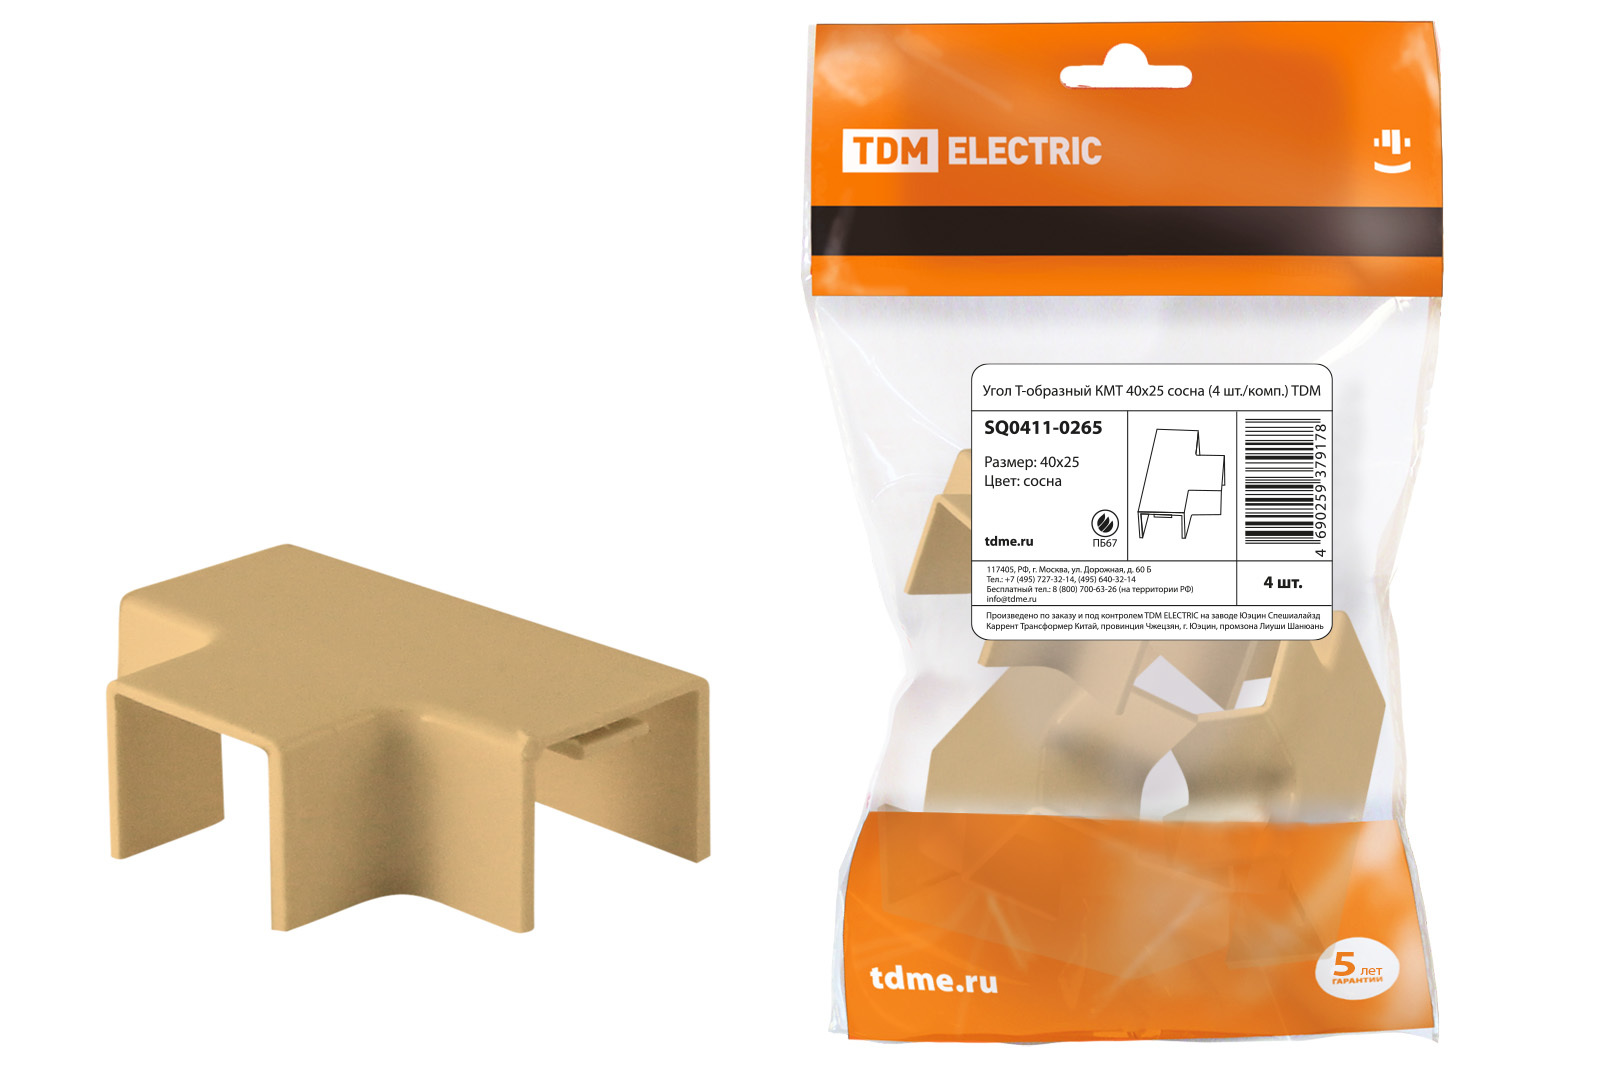 Угол Т-образный КМТ 40x25 сосна (4 шт./комп.) TDM